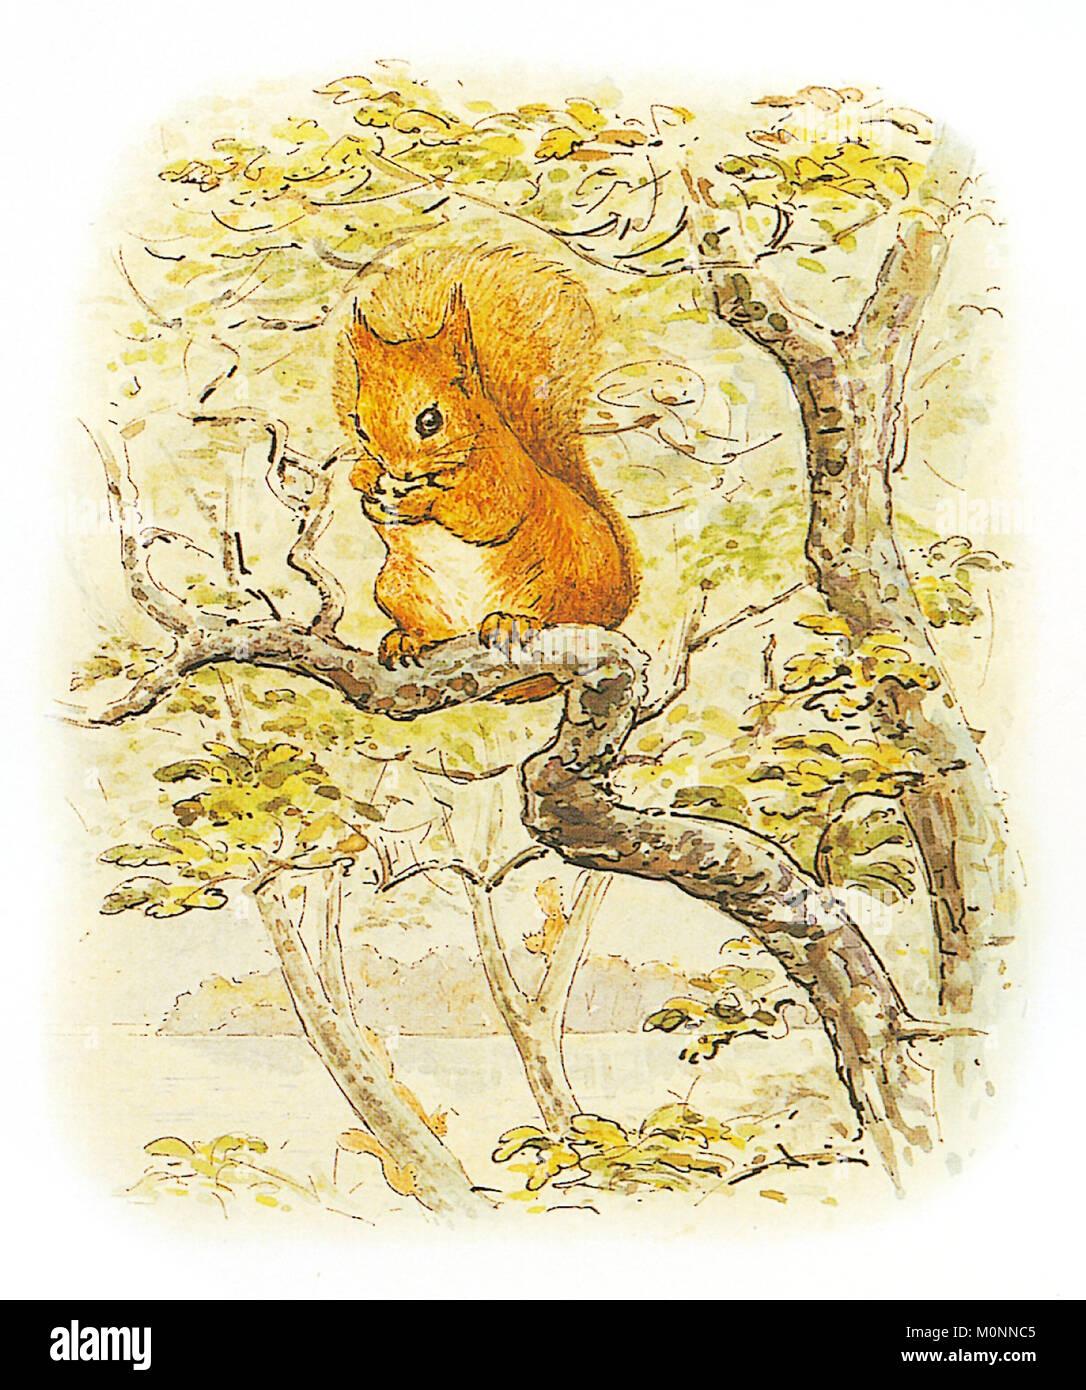 Peter Rabbit Drawing Stock Photos & Peter Rabbit Drawing Stock ...